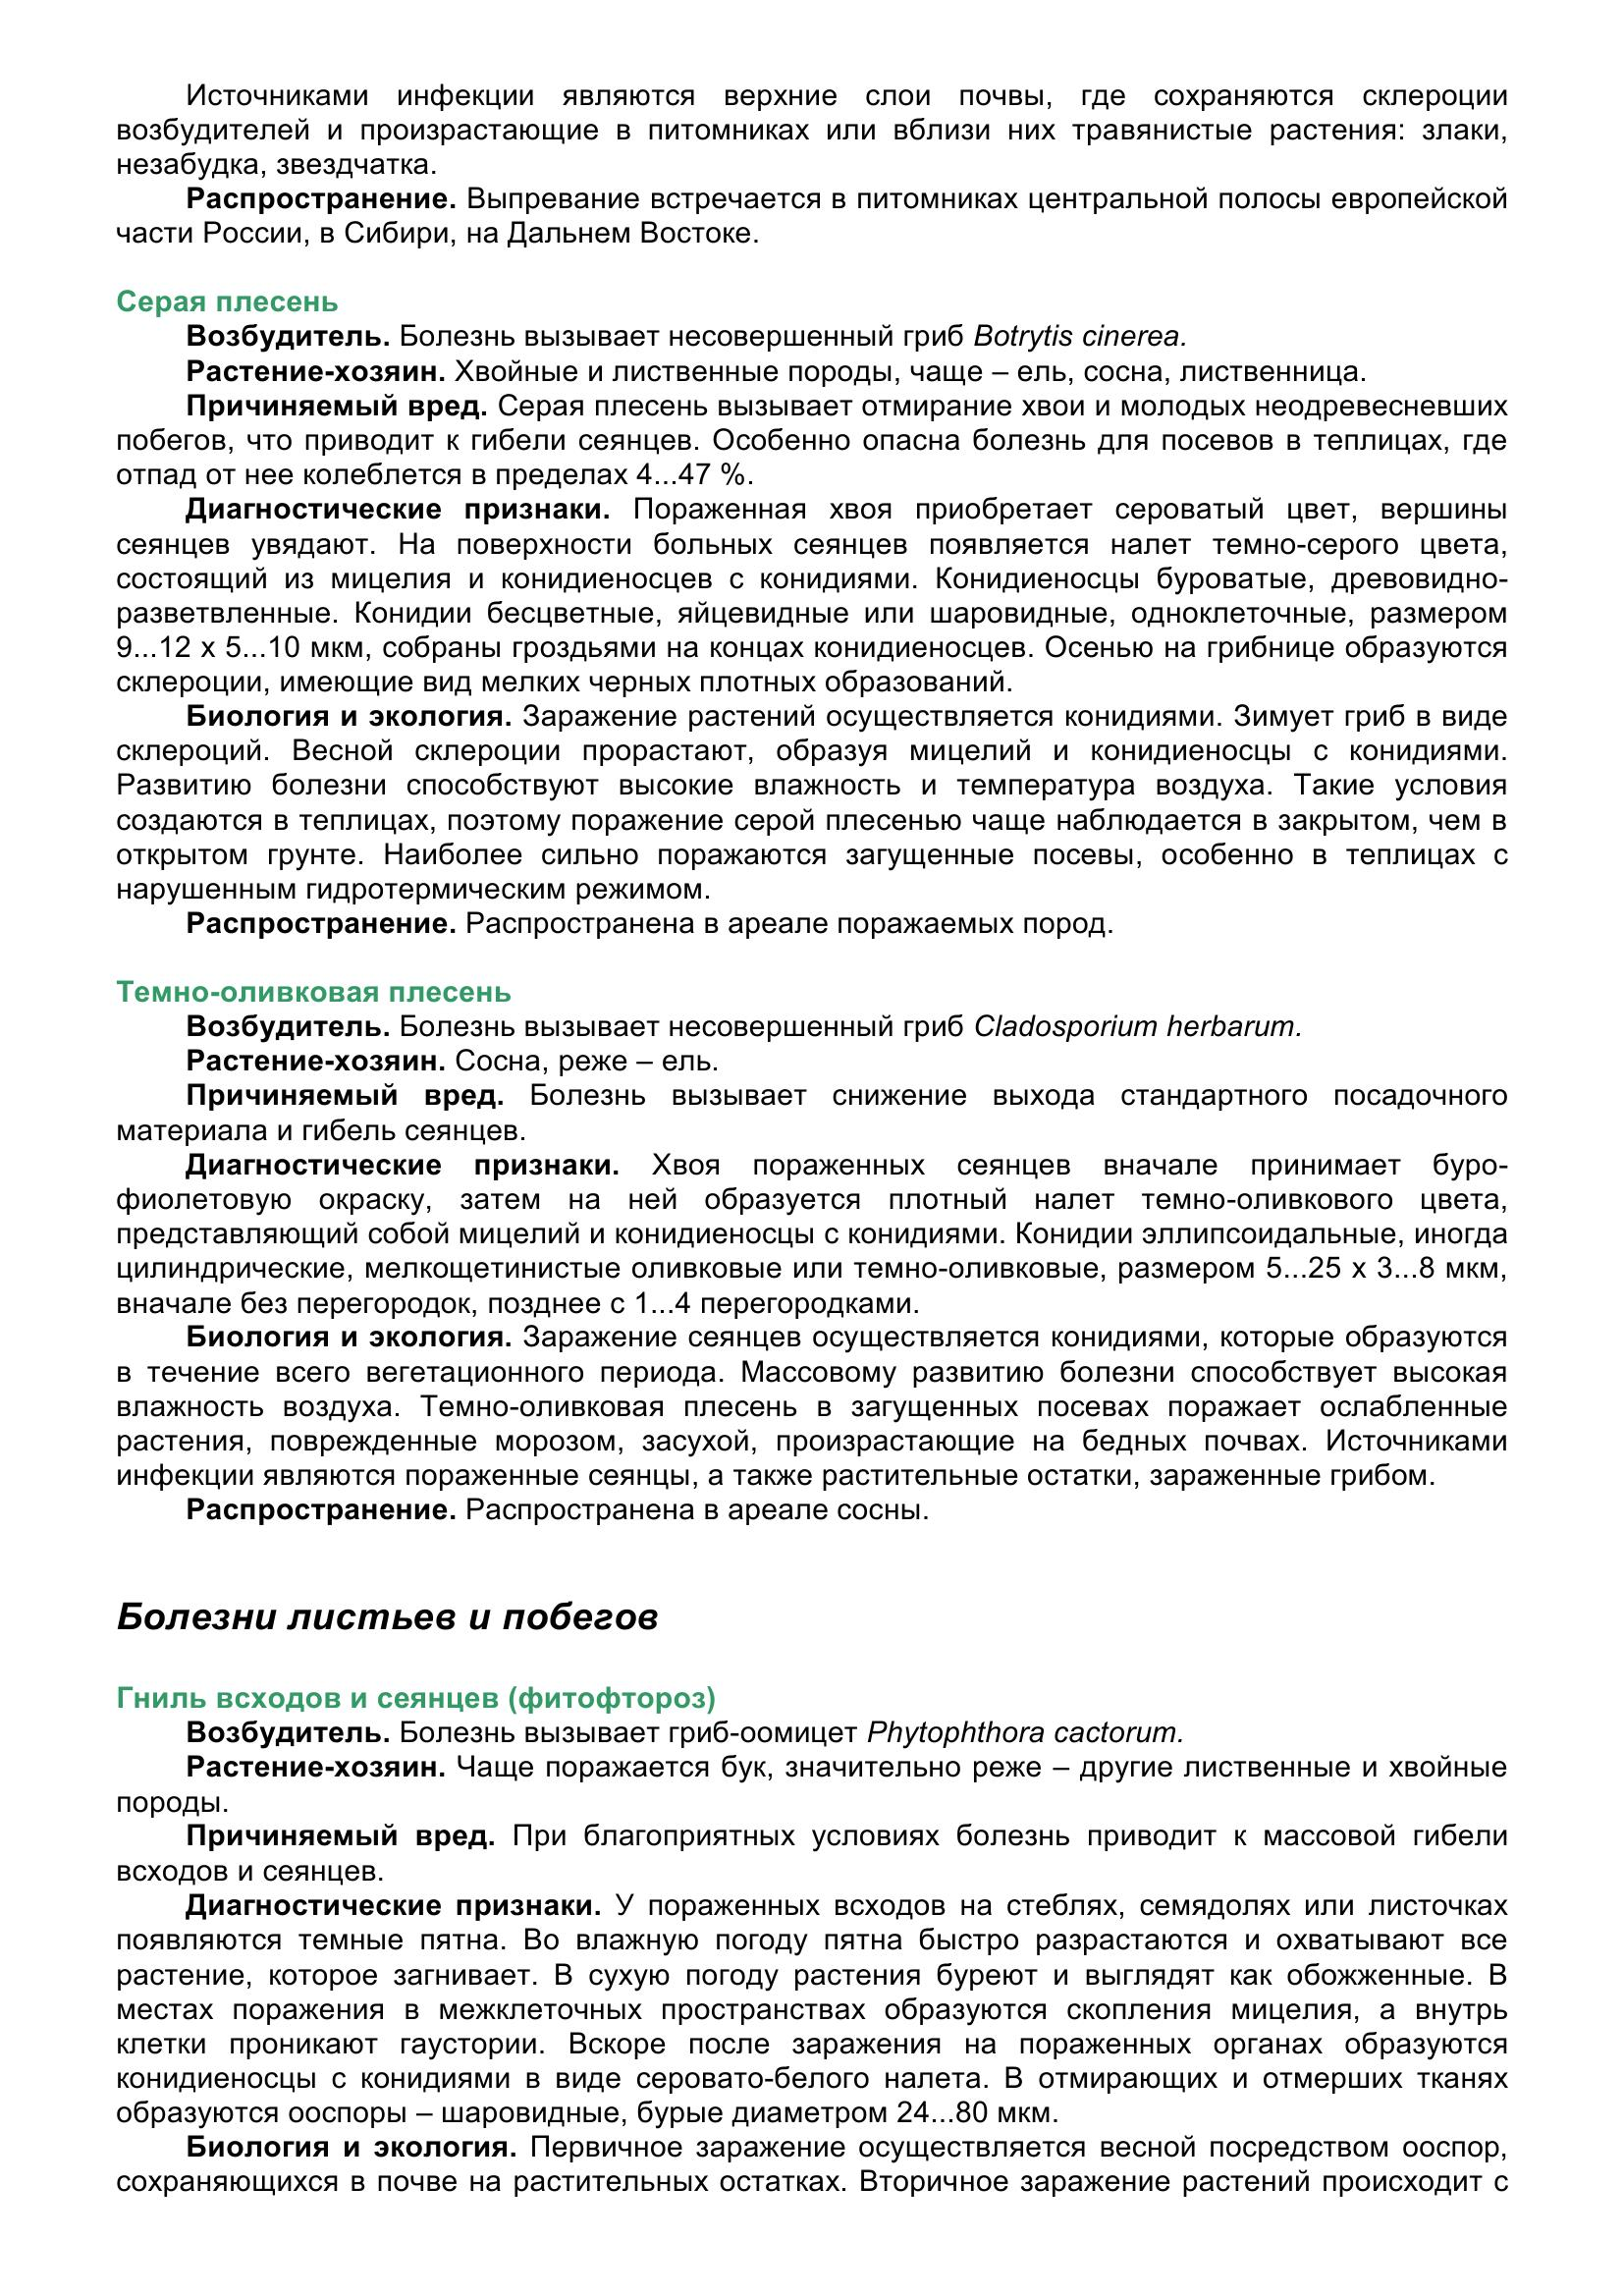 Болезни_древесных_растений_047.jpg